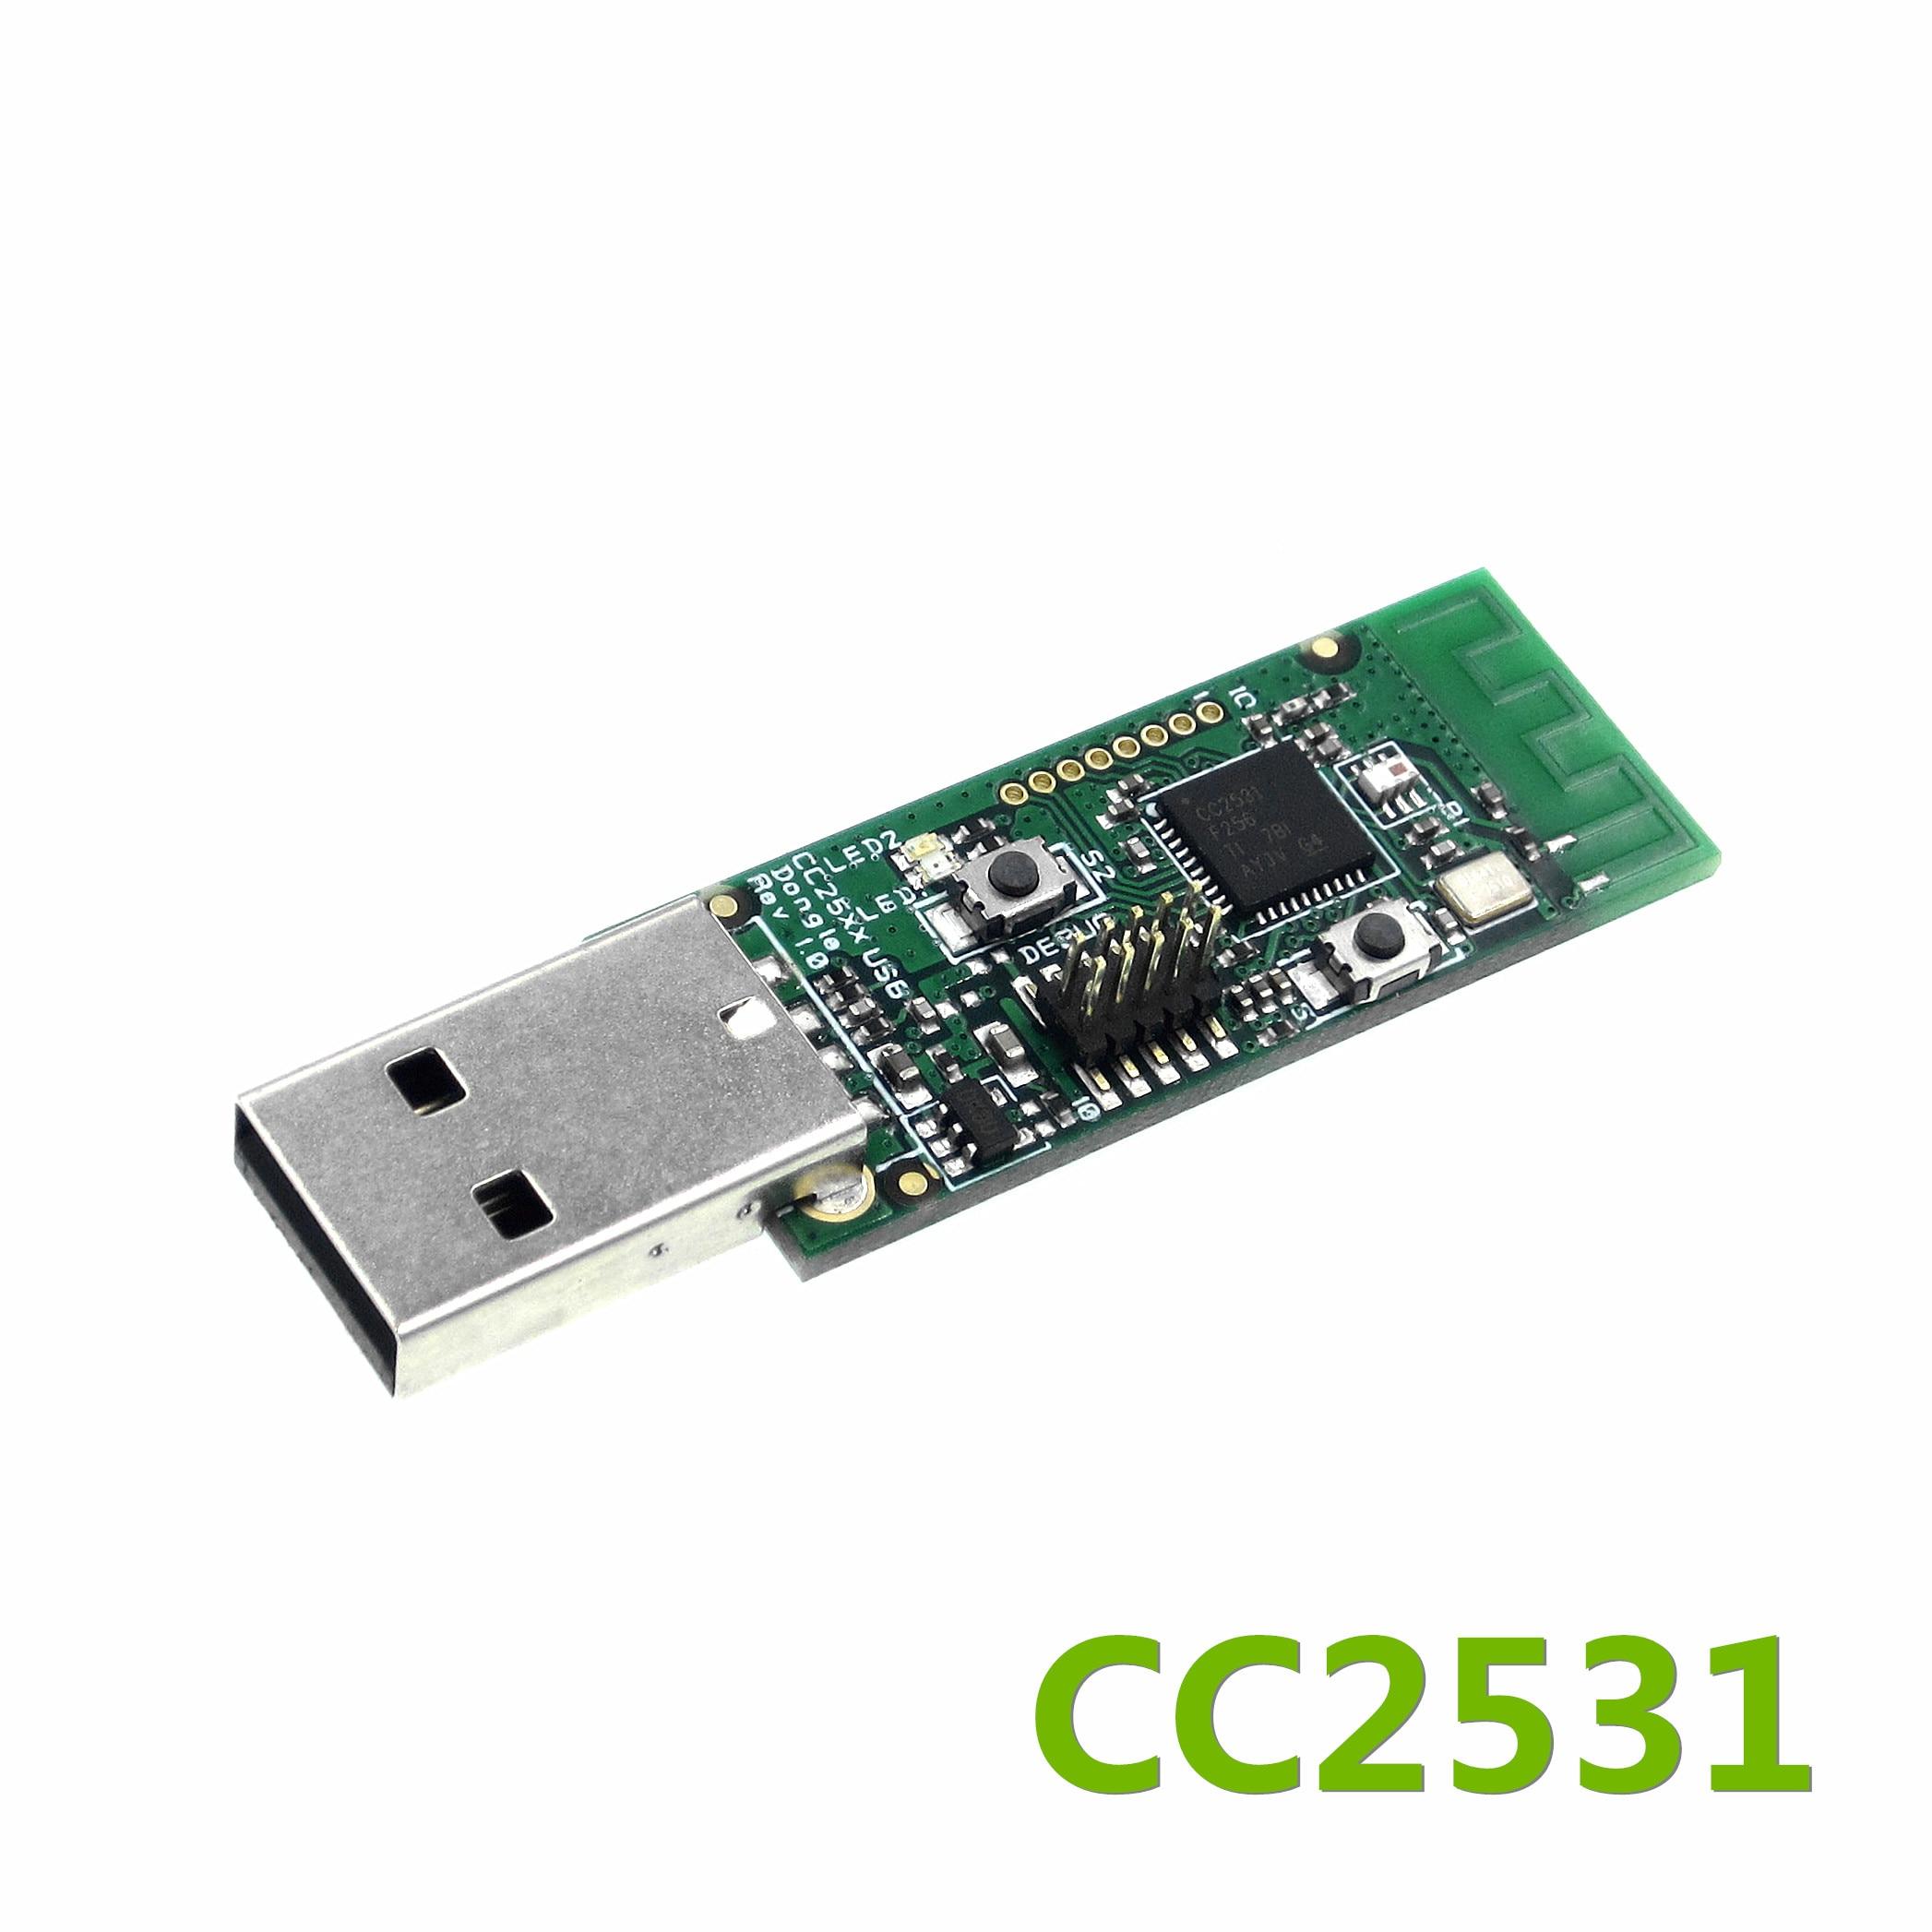 Sans fil CC2531 renifleur carte nue paquet protocole analyseur Module Interface USB Dongle Capture paquetSans fil CC2531 renifleur carte nue paquet protocole analyseur Module Interface USB Dongle Capture paquet